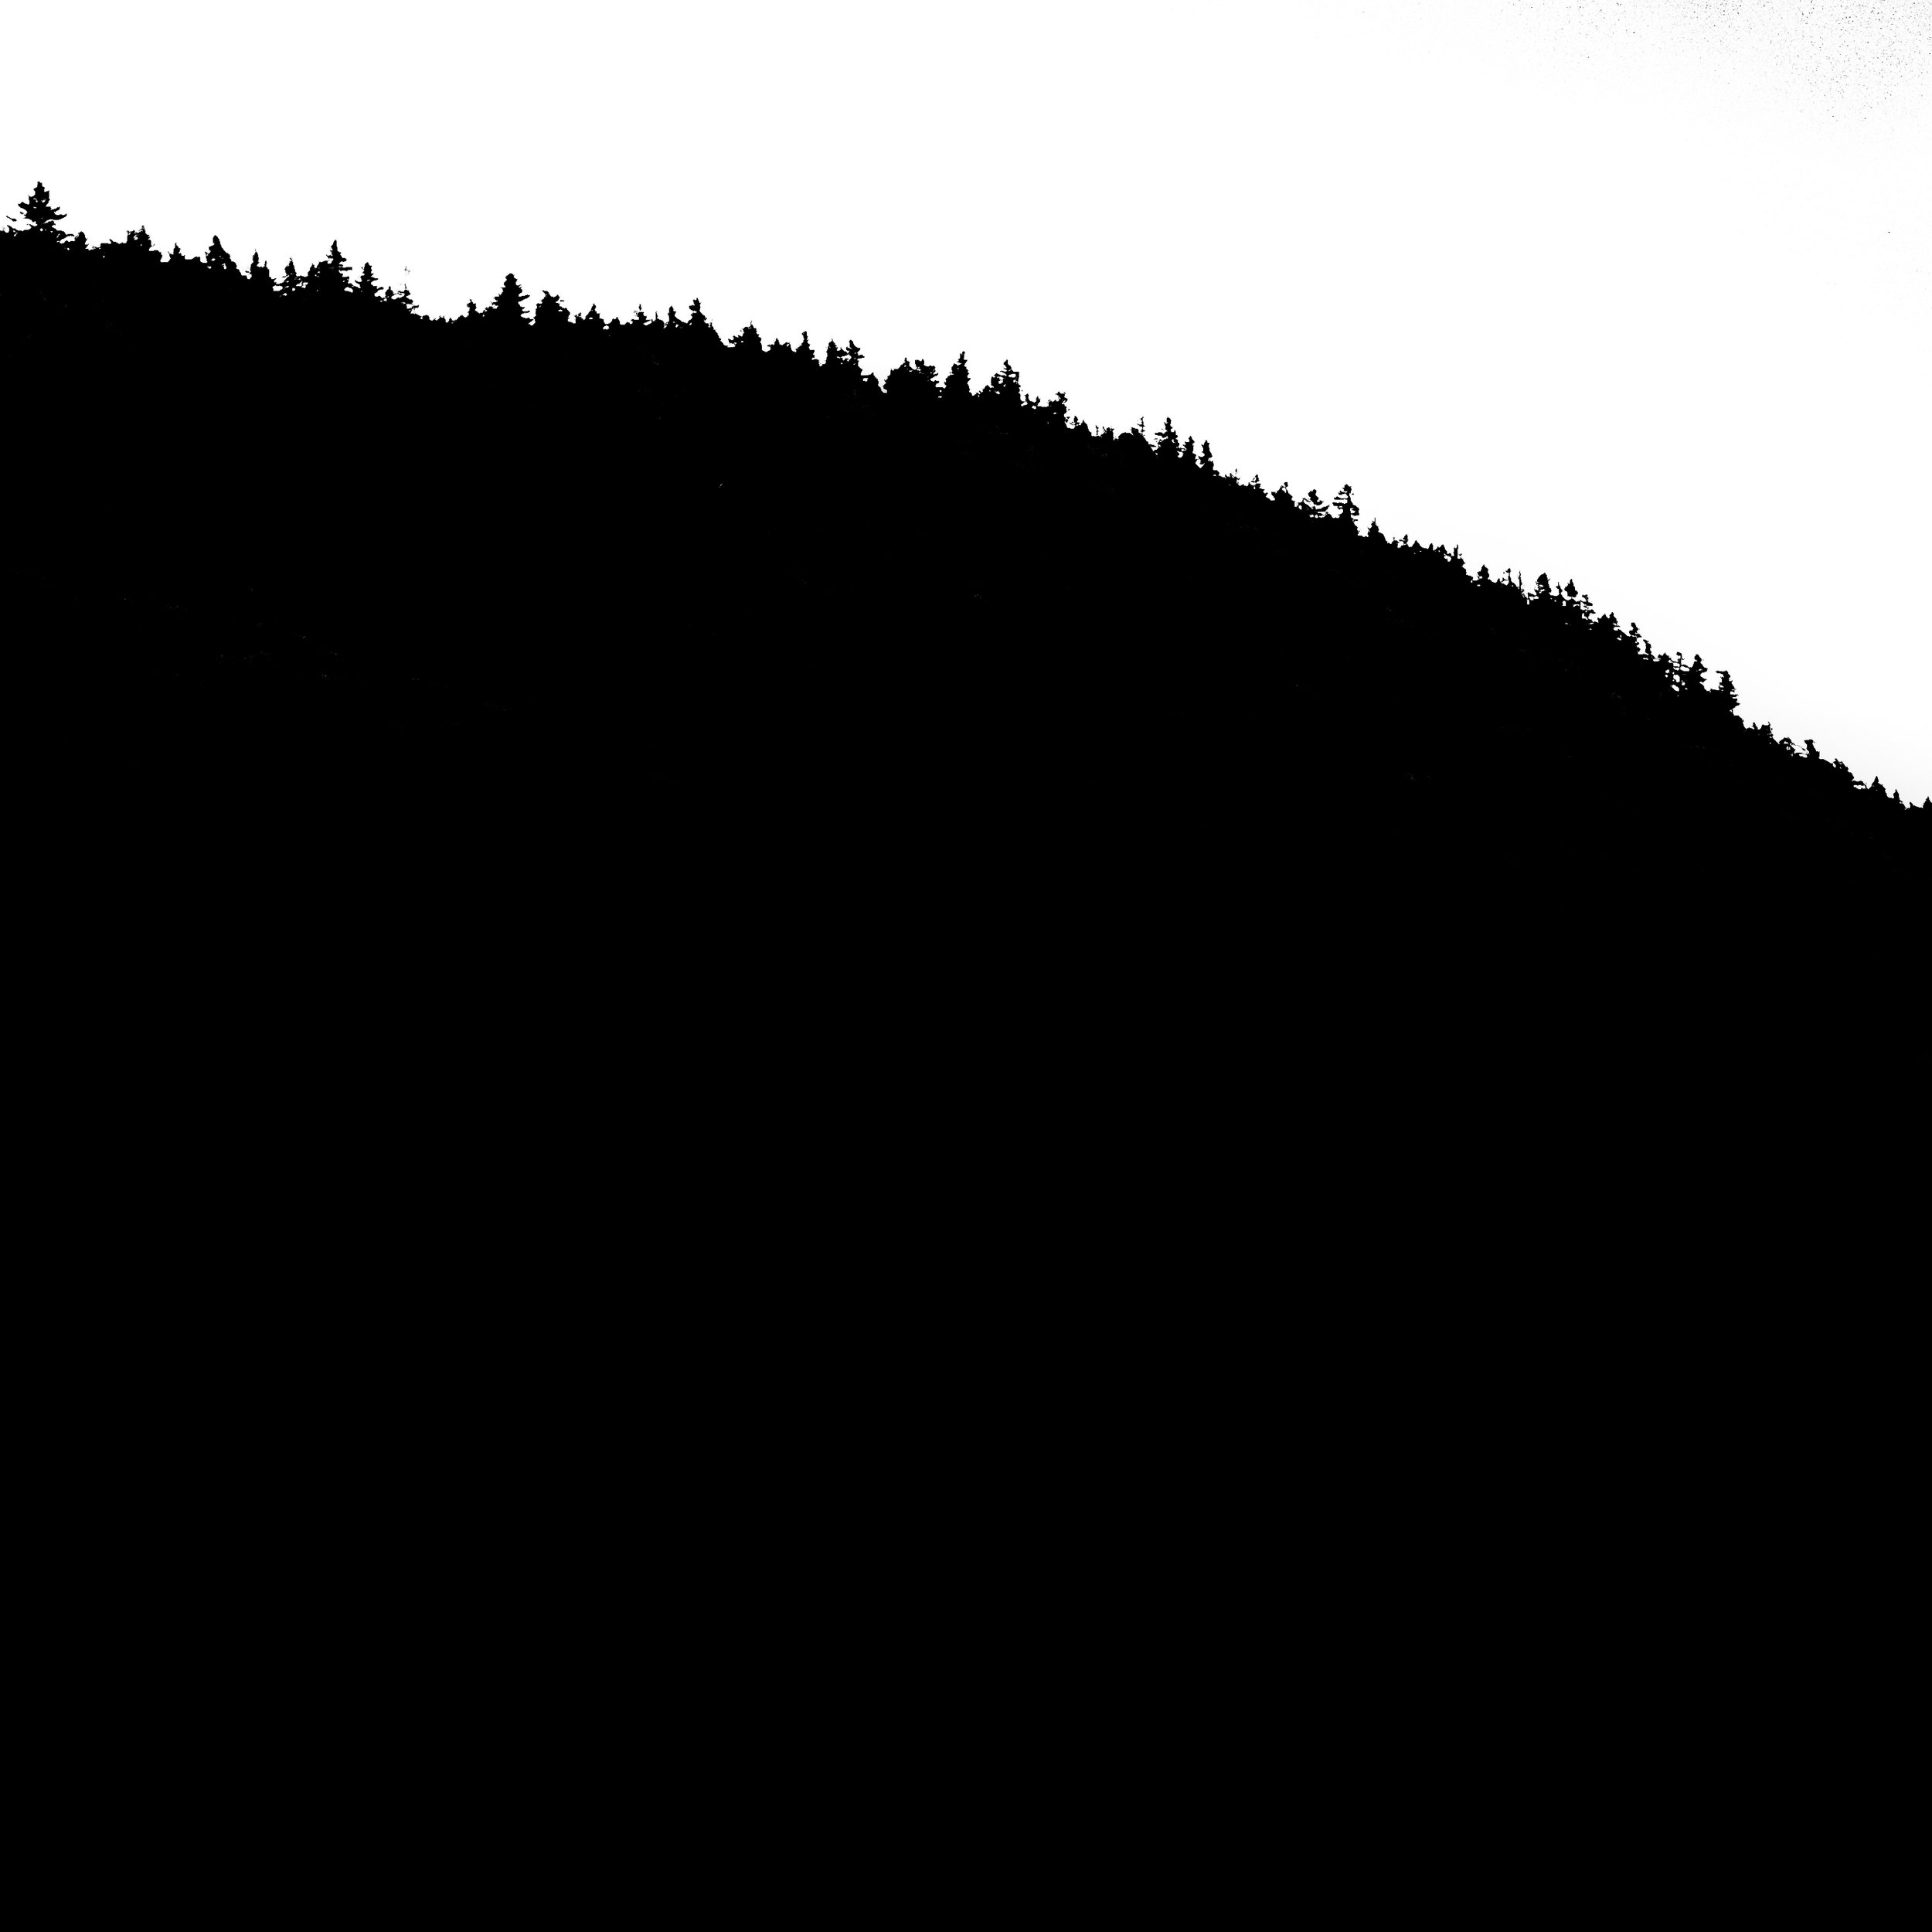 Mervis-21.jpg